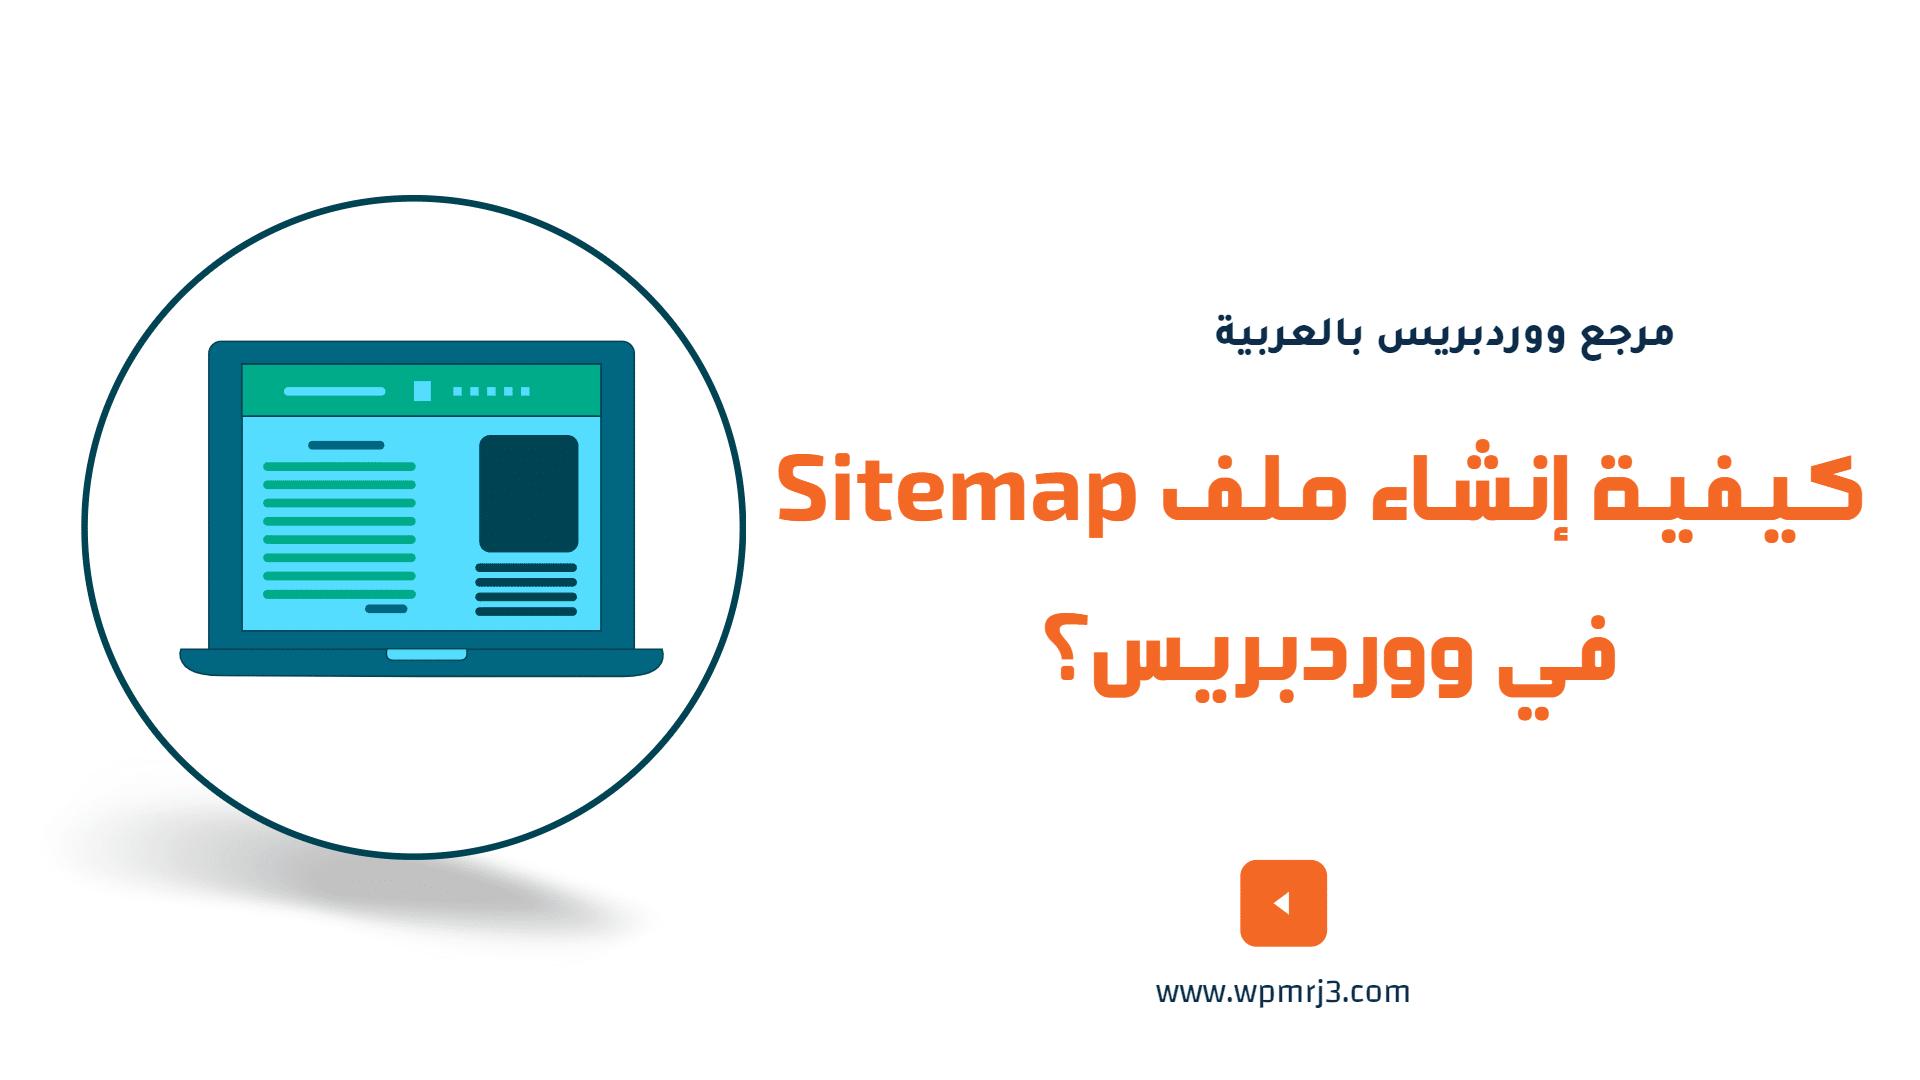 ما هو ملف Sitemap؟ كيفية إنشاء ملف Sitemap في ووردبريس؟